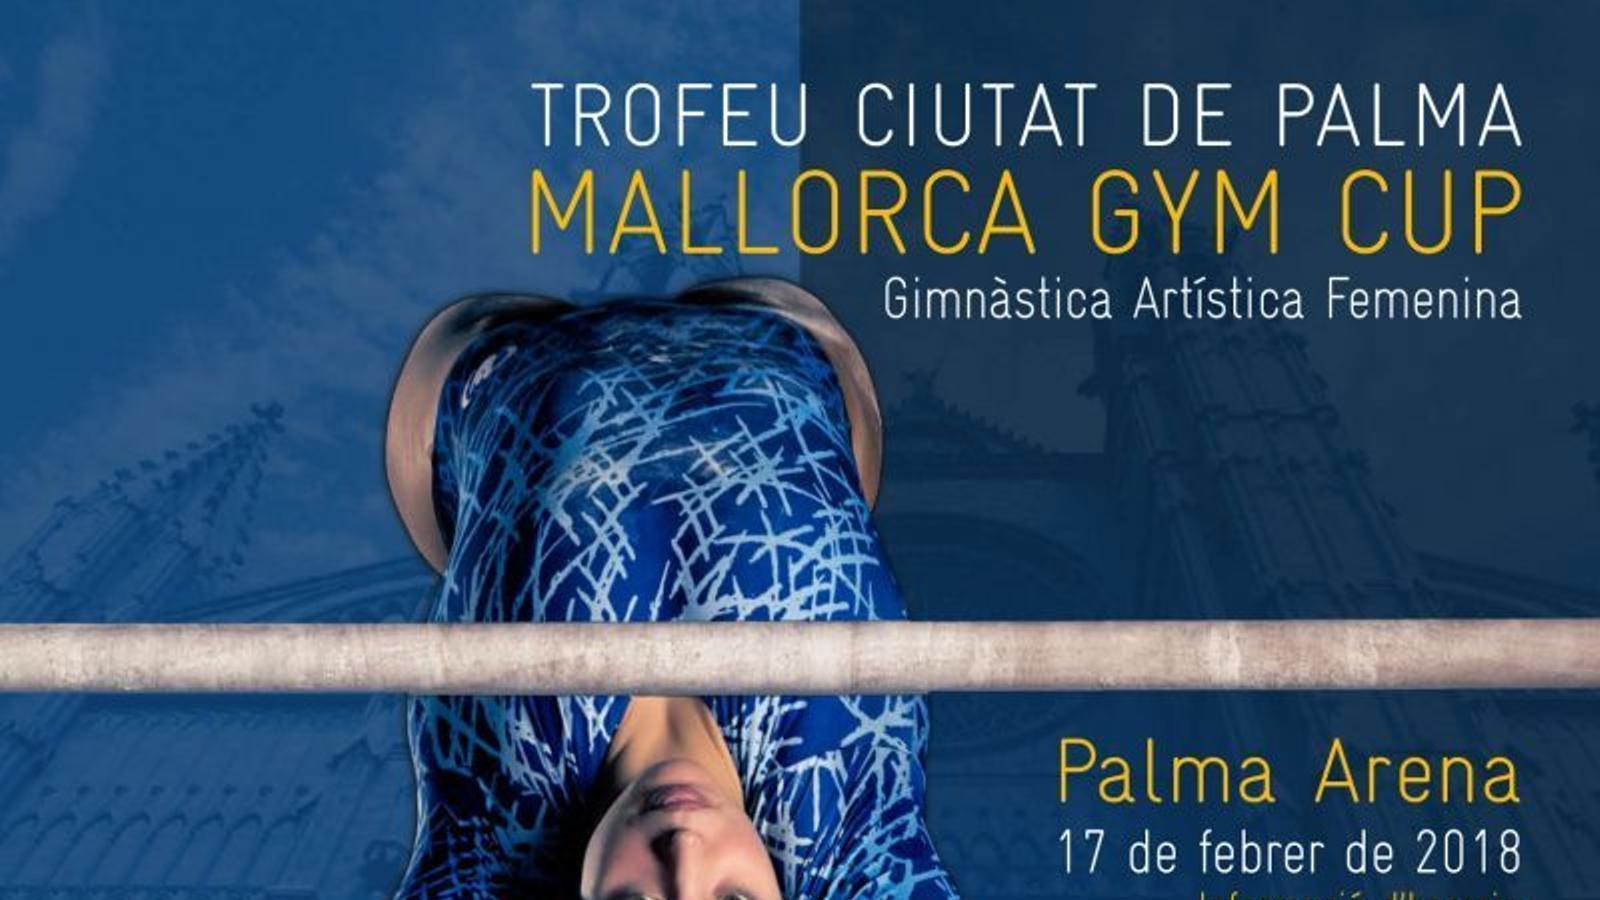 Cartell del Trofeu Ciutat de Palma MALLORCA GYM CUP